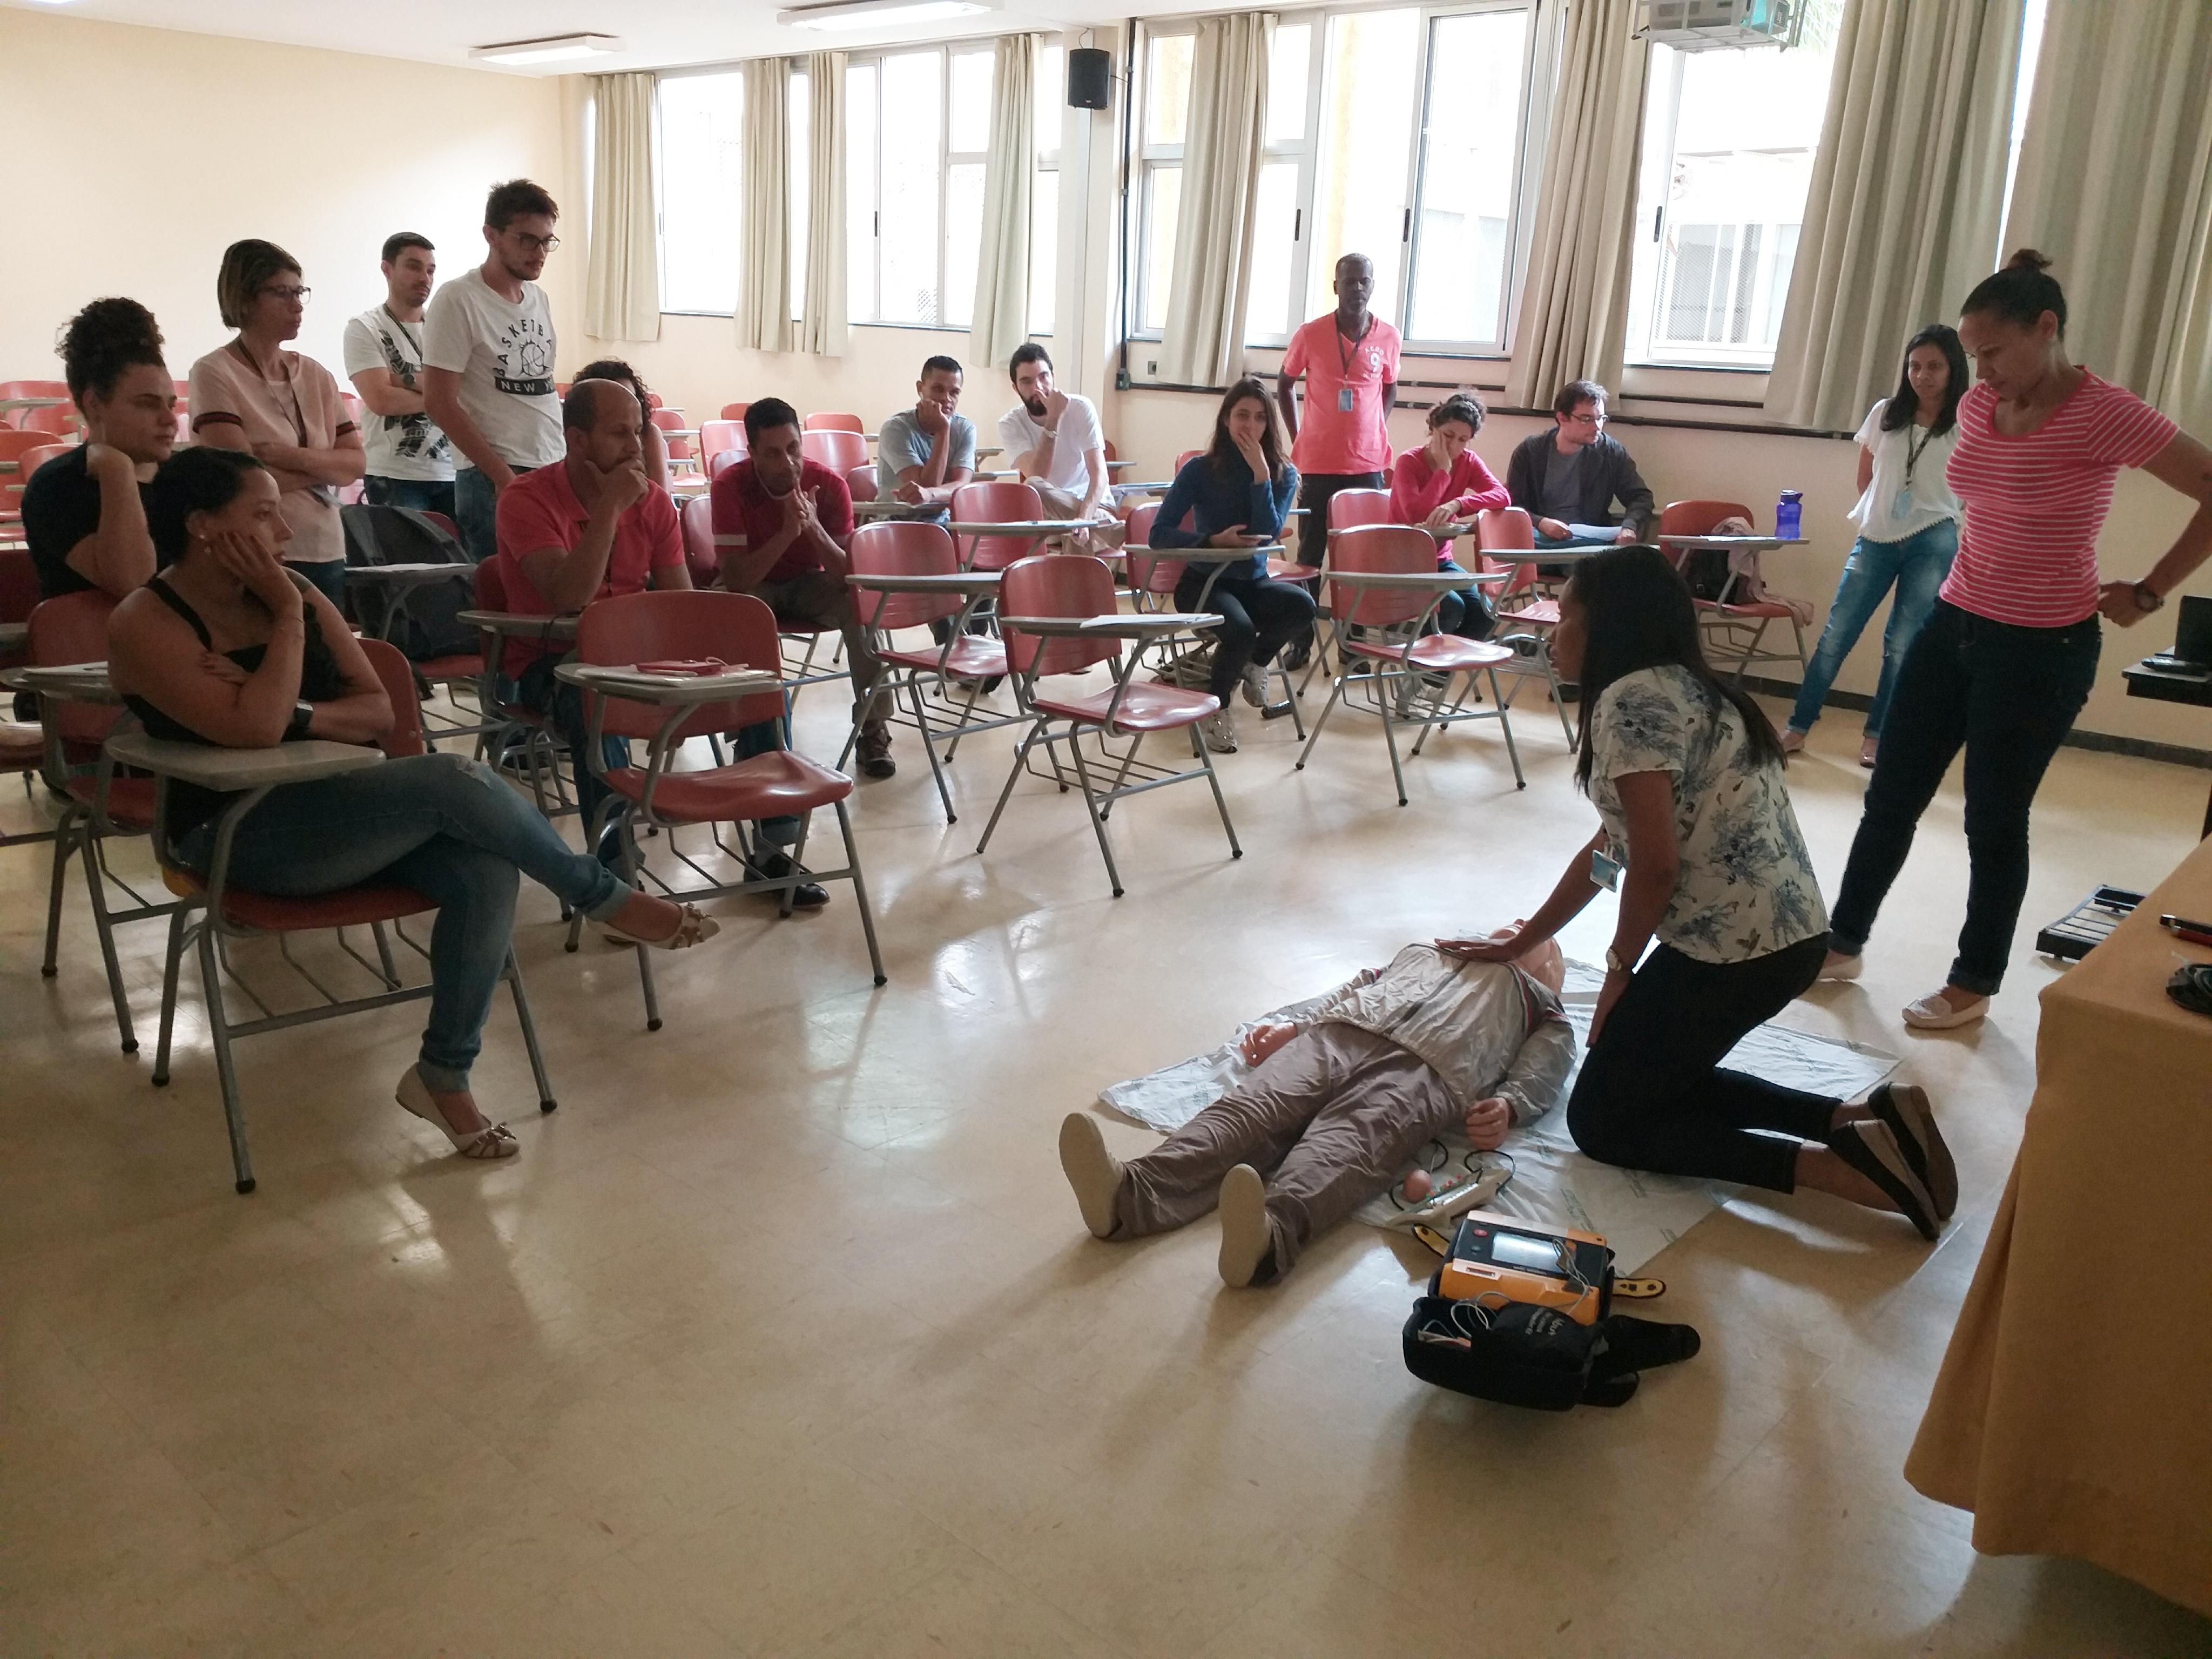 Foto 05 - Aula de Primeiros Socorros e Acidentes em Serviço